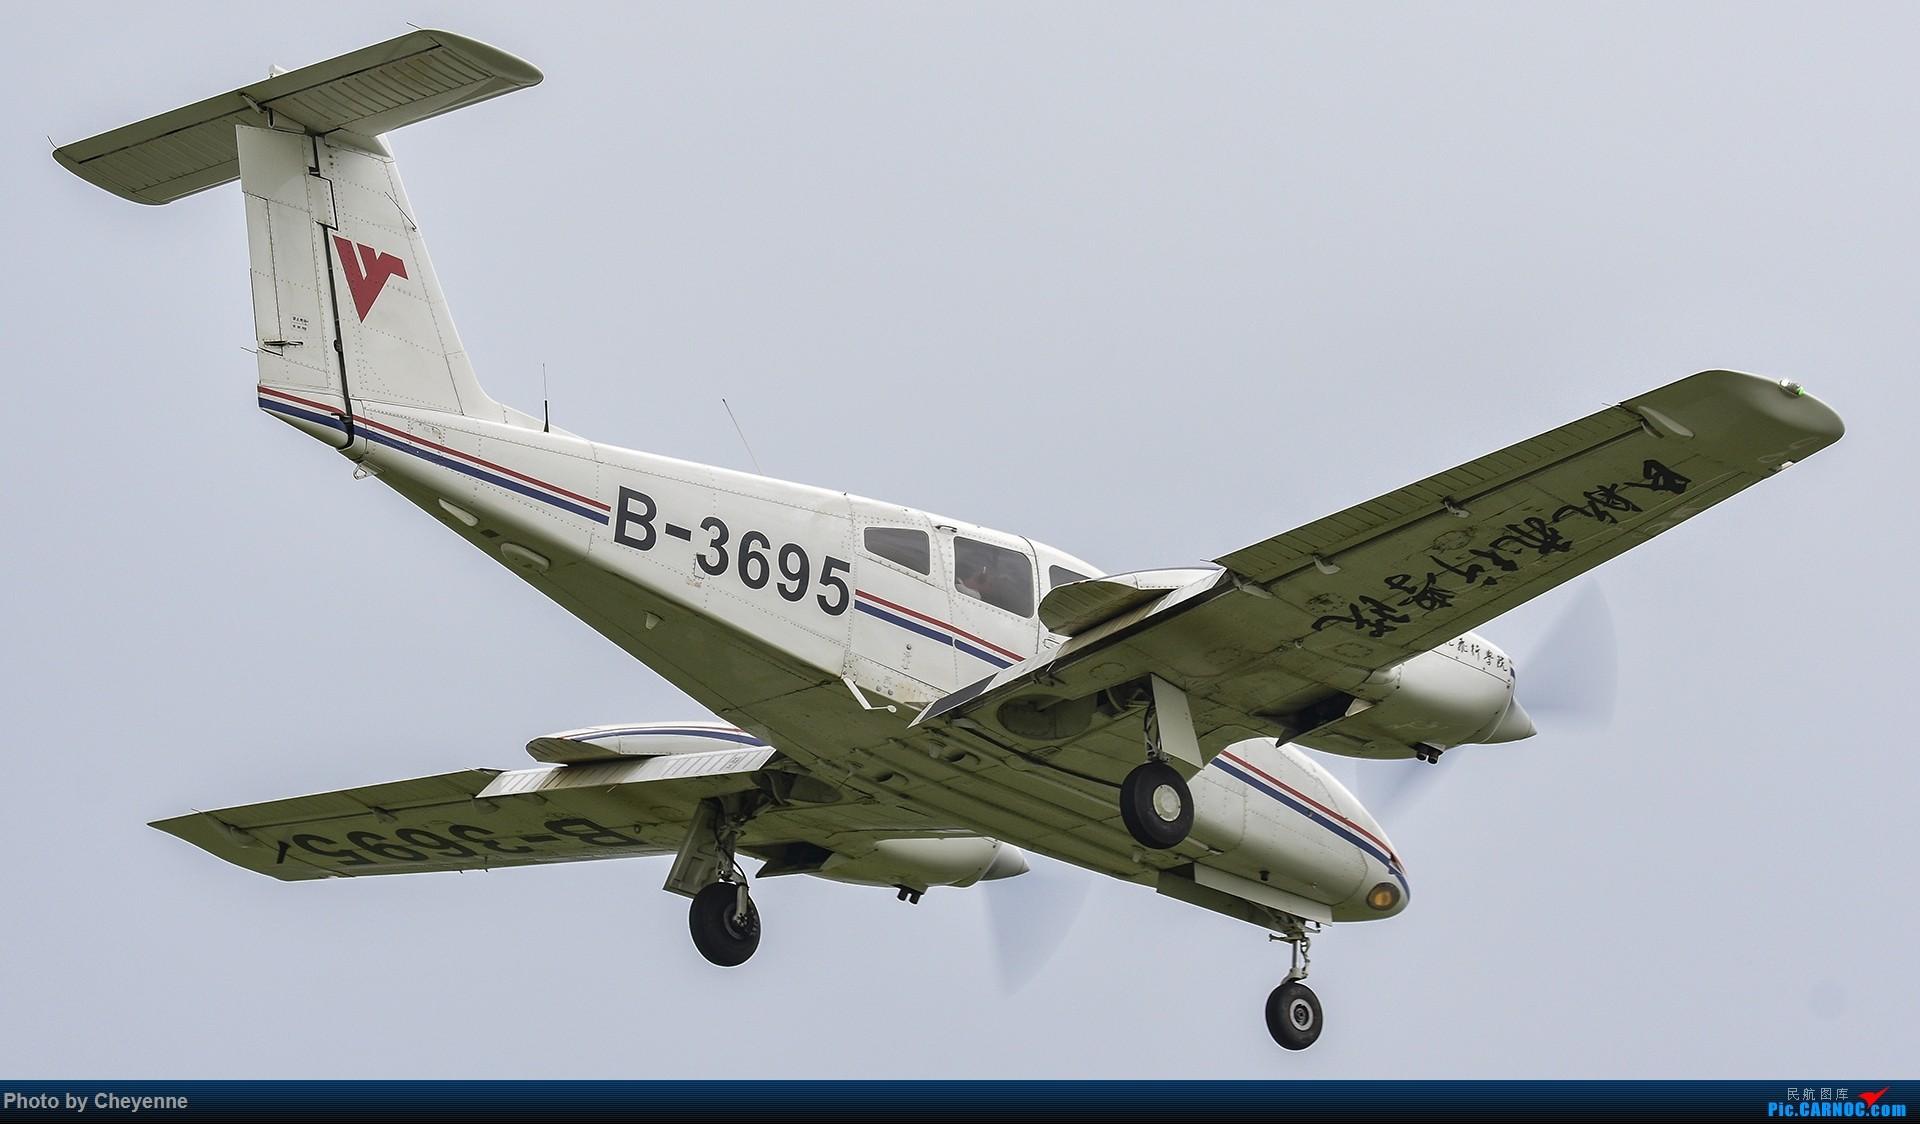 Re:[原创]鸭子河边的日常 PIPER PA-44-180 B-3695 中国广汉机场